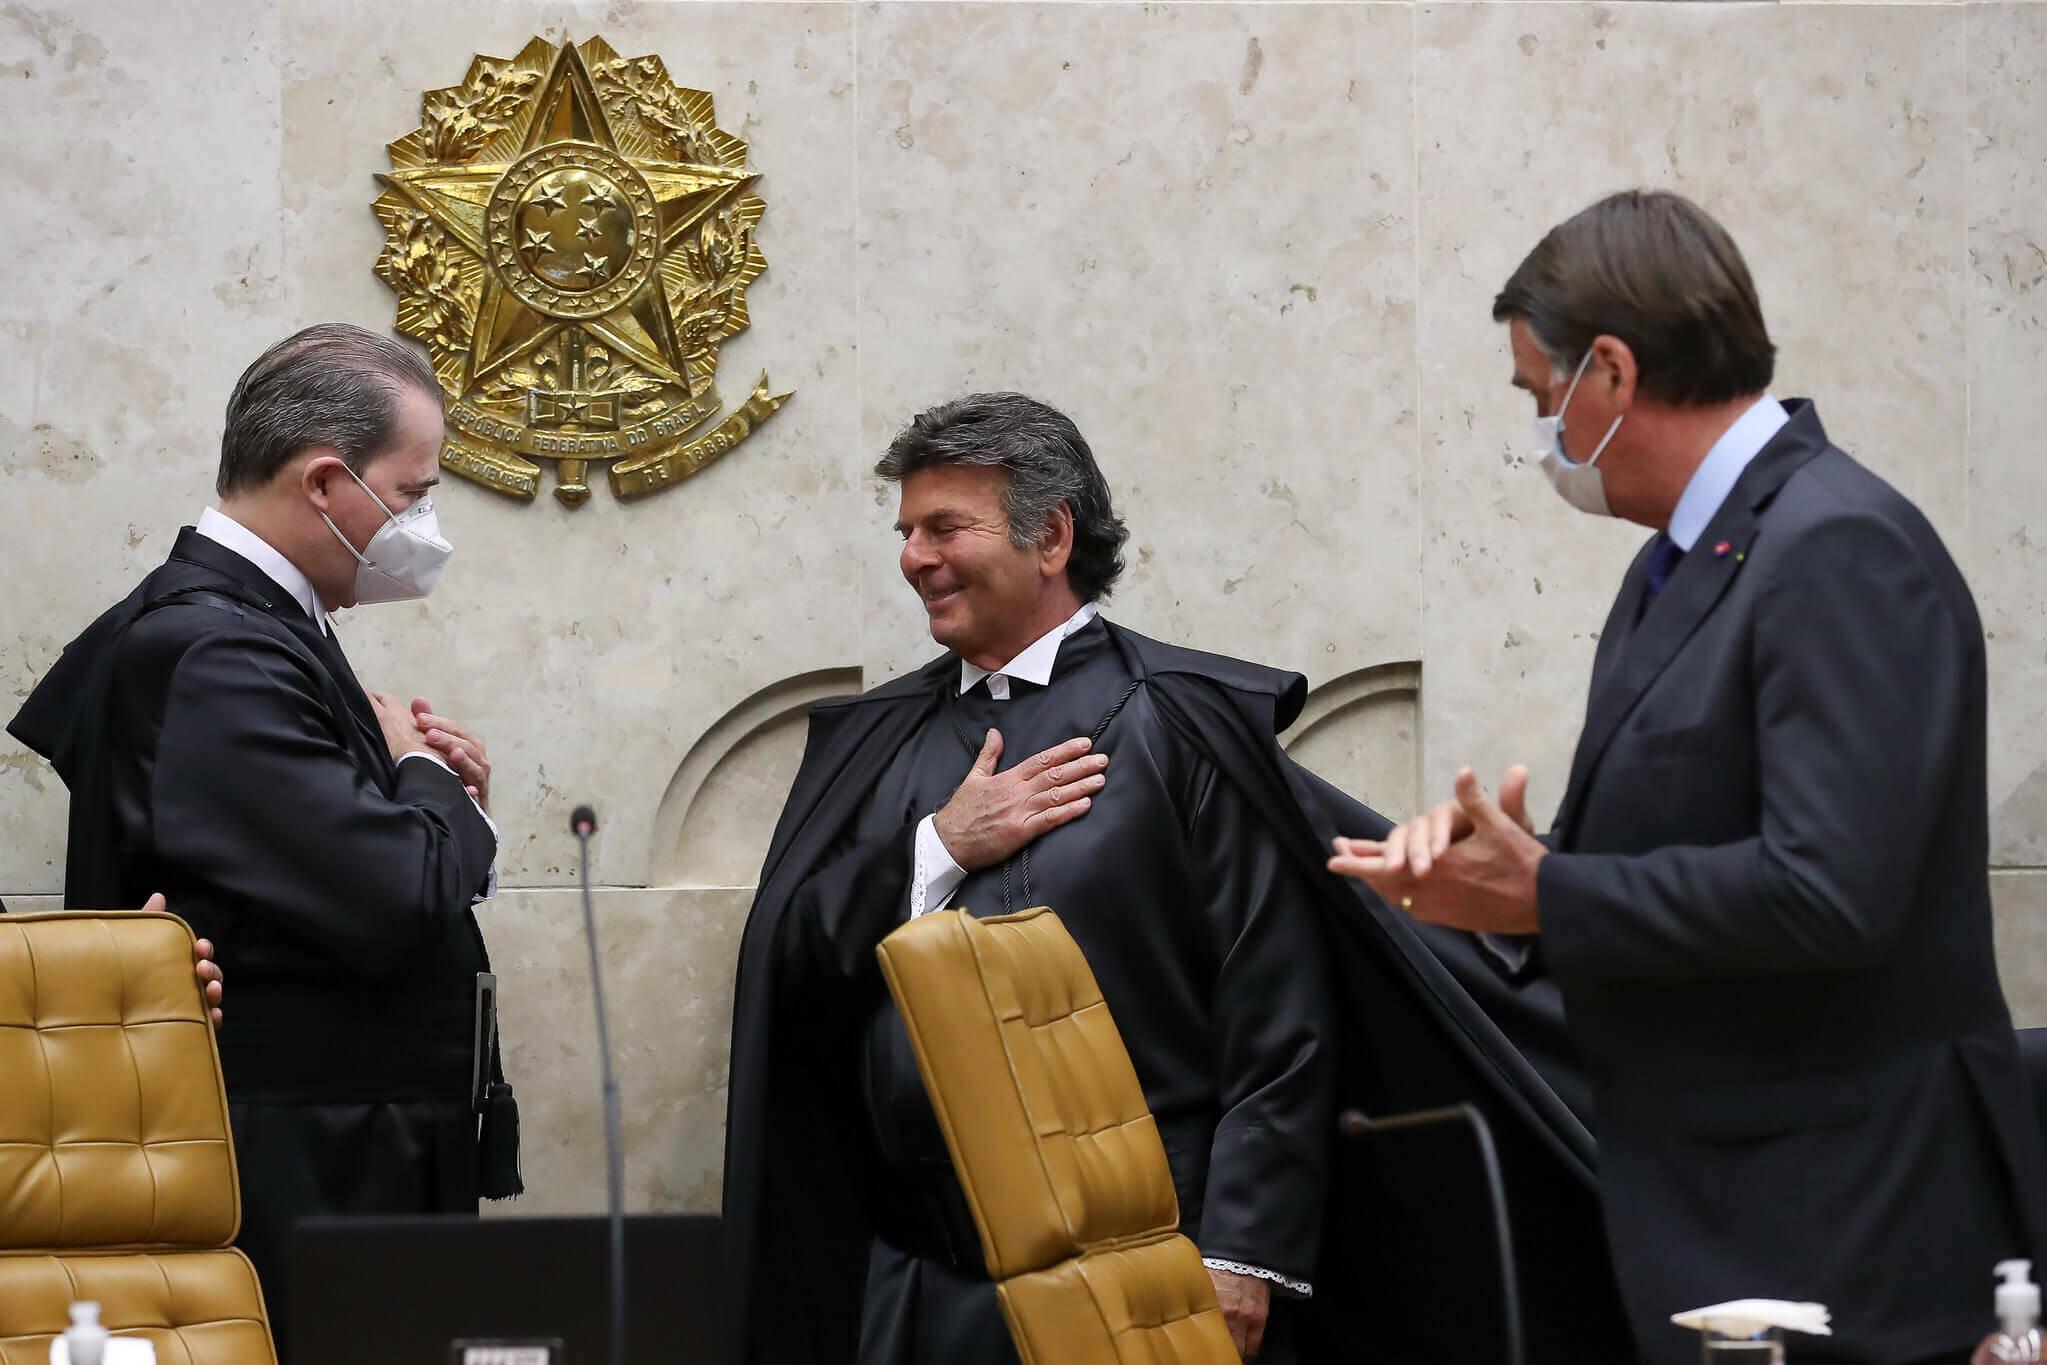 (Brasília - DF, 09/10/2020) Session solennelle d'intronisation des ministres Luiz Fux et Rosa Weber aux fonctions de président et vice-président de la Cour suprême fédérale. Photo: Marcos Corrêa / PR